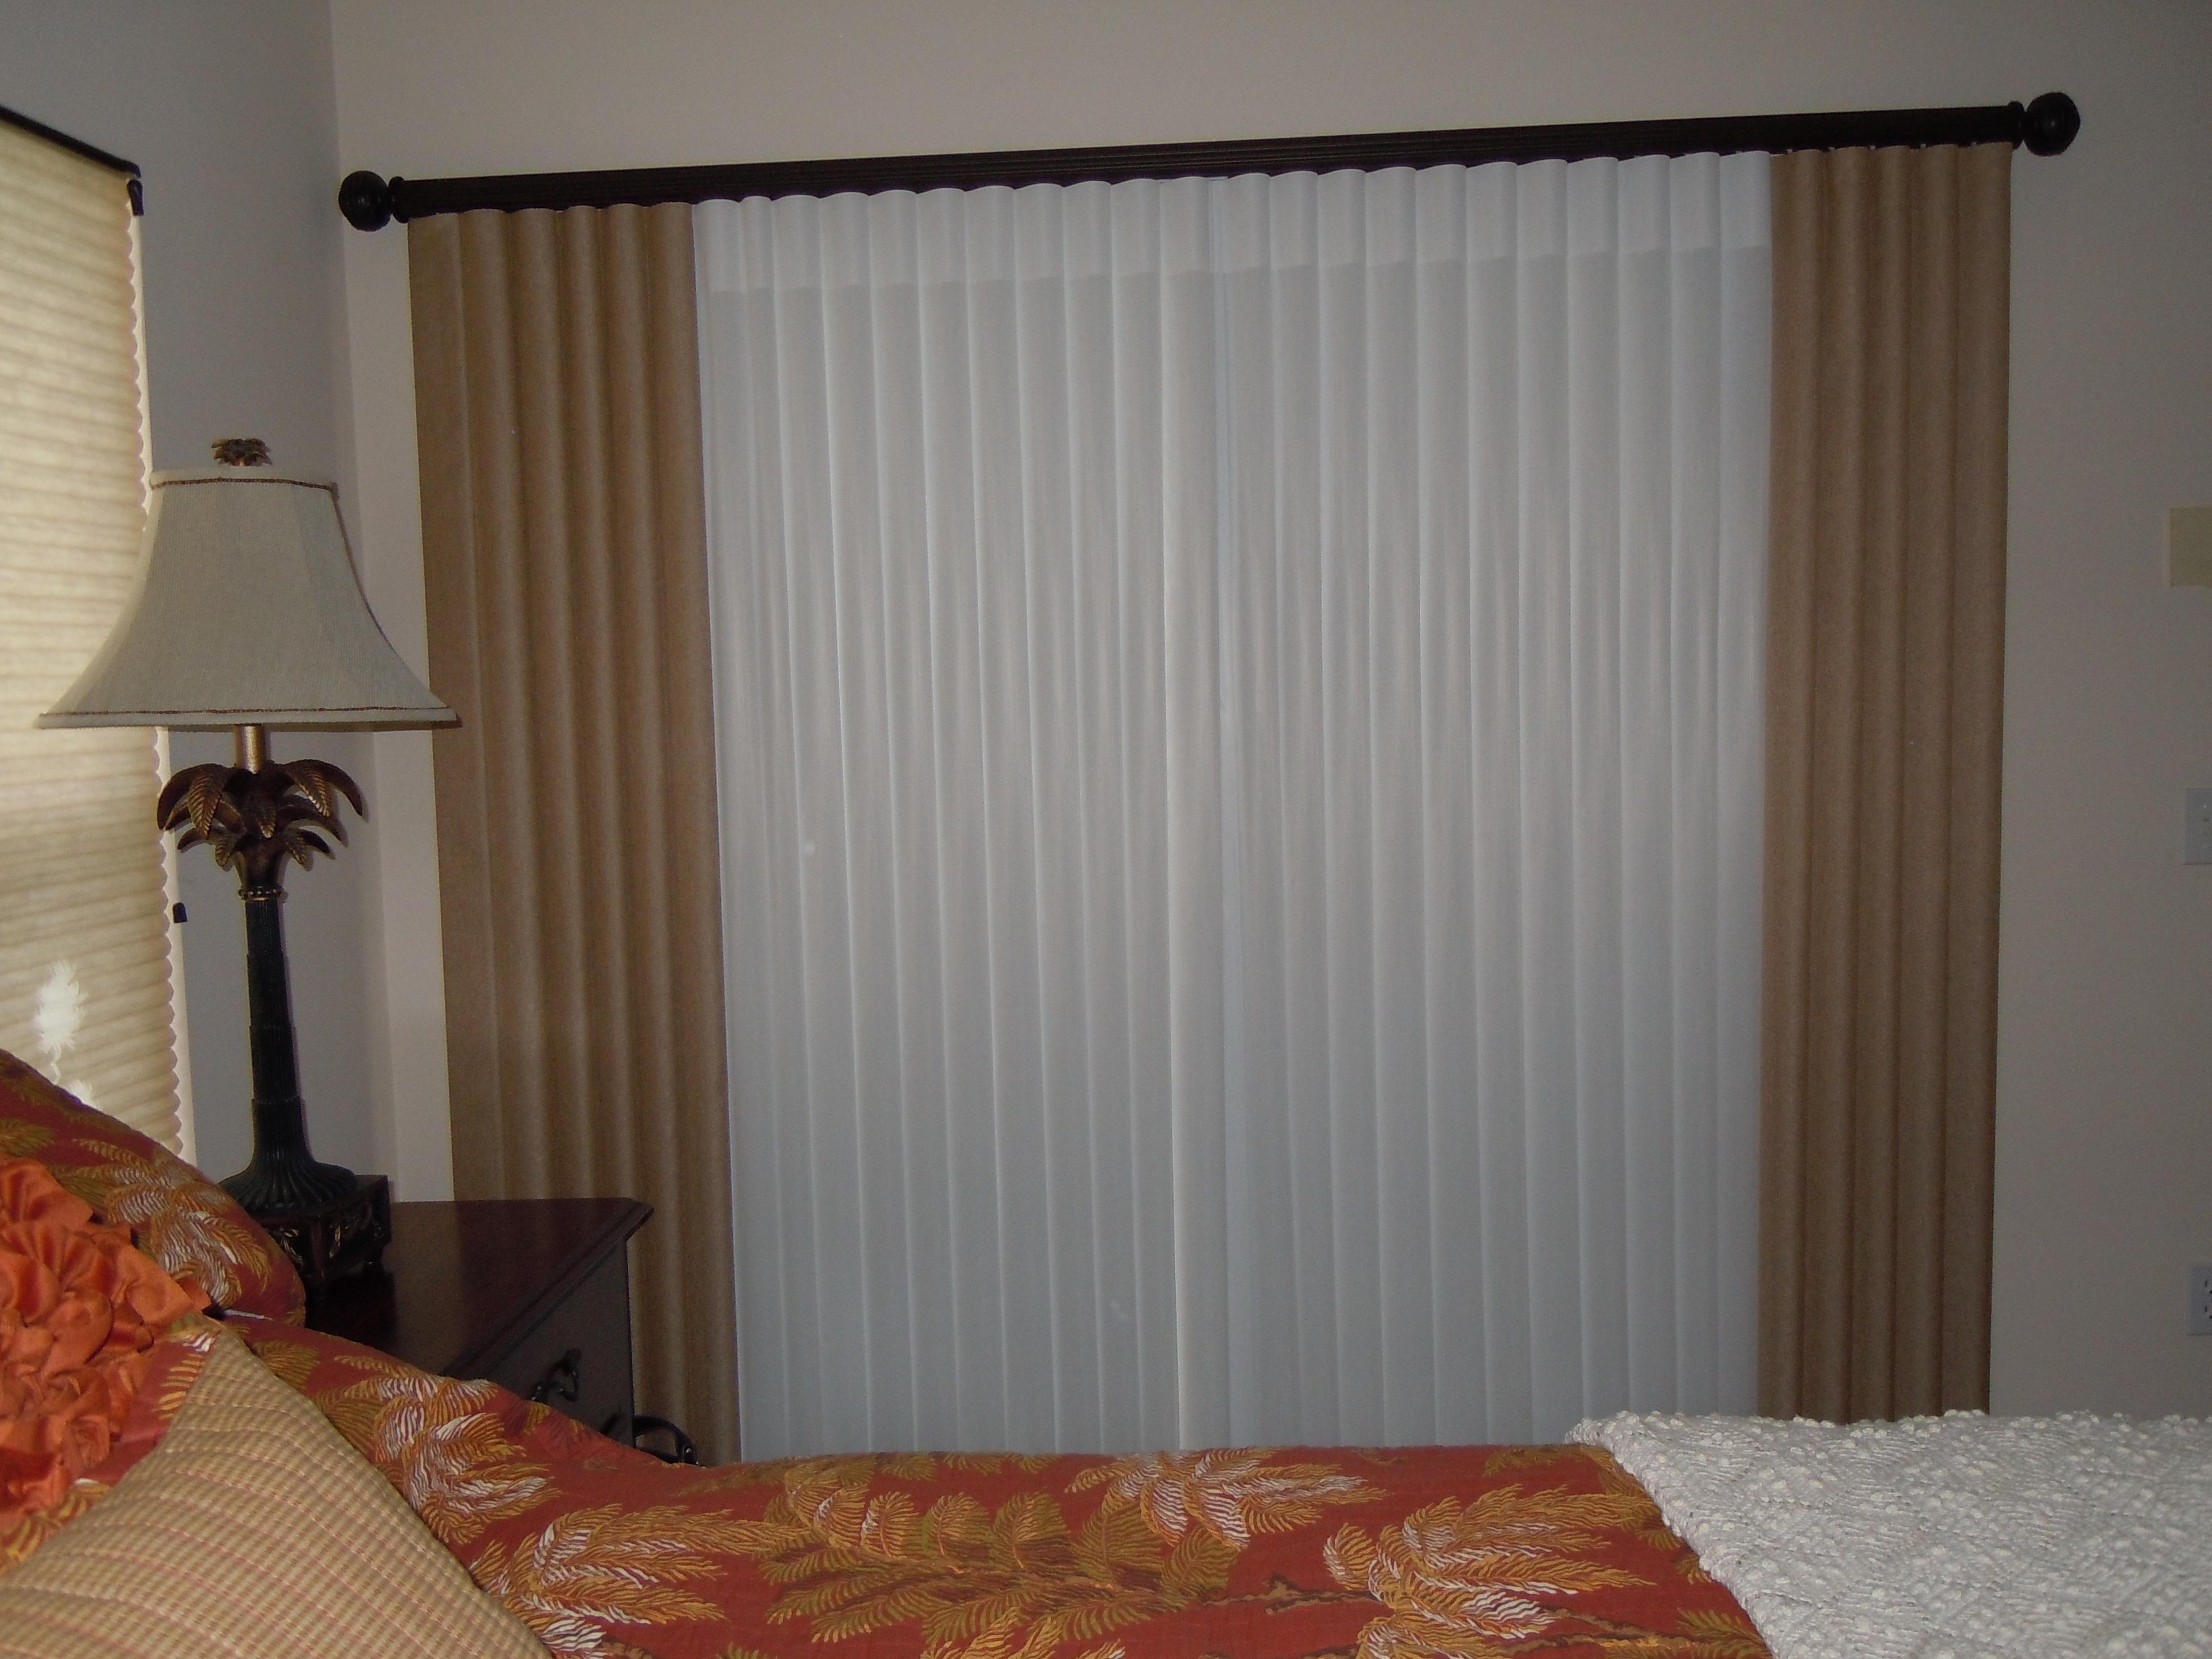 Fabric Vertical Blinds For Sliding Doors Sliding Doors